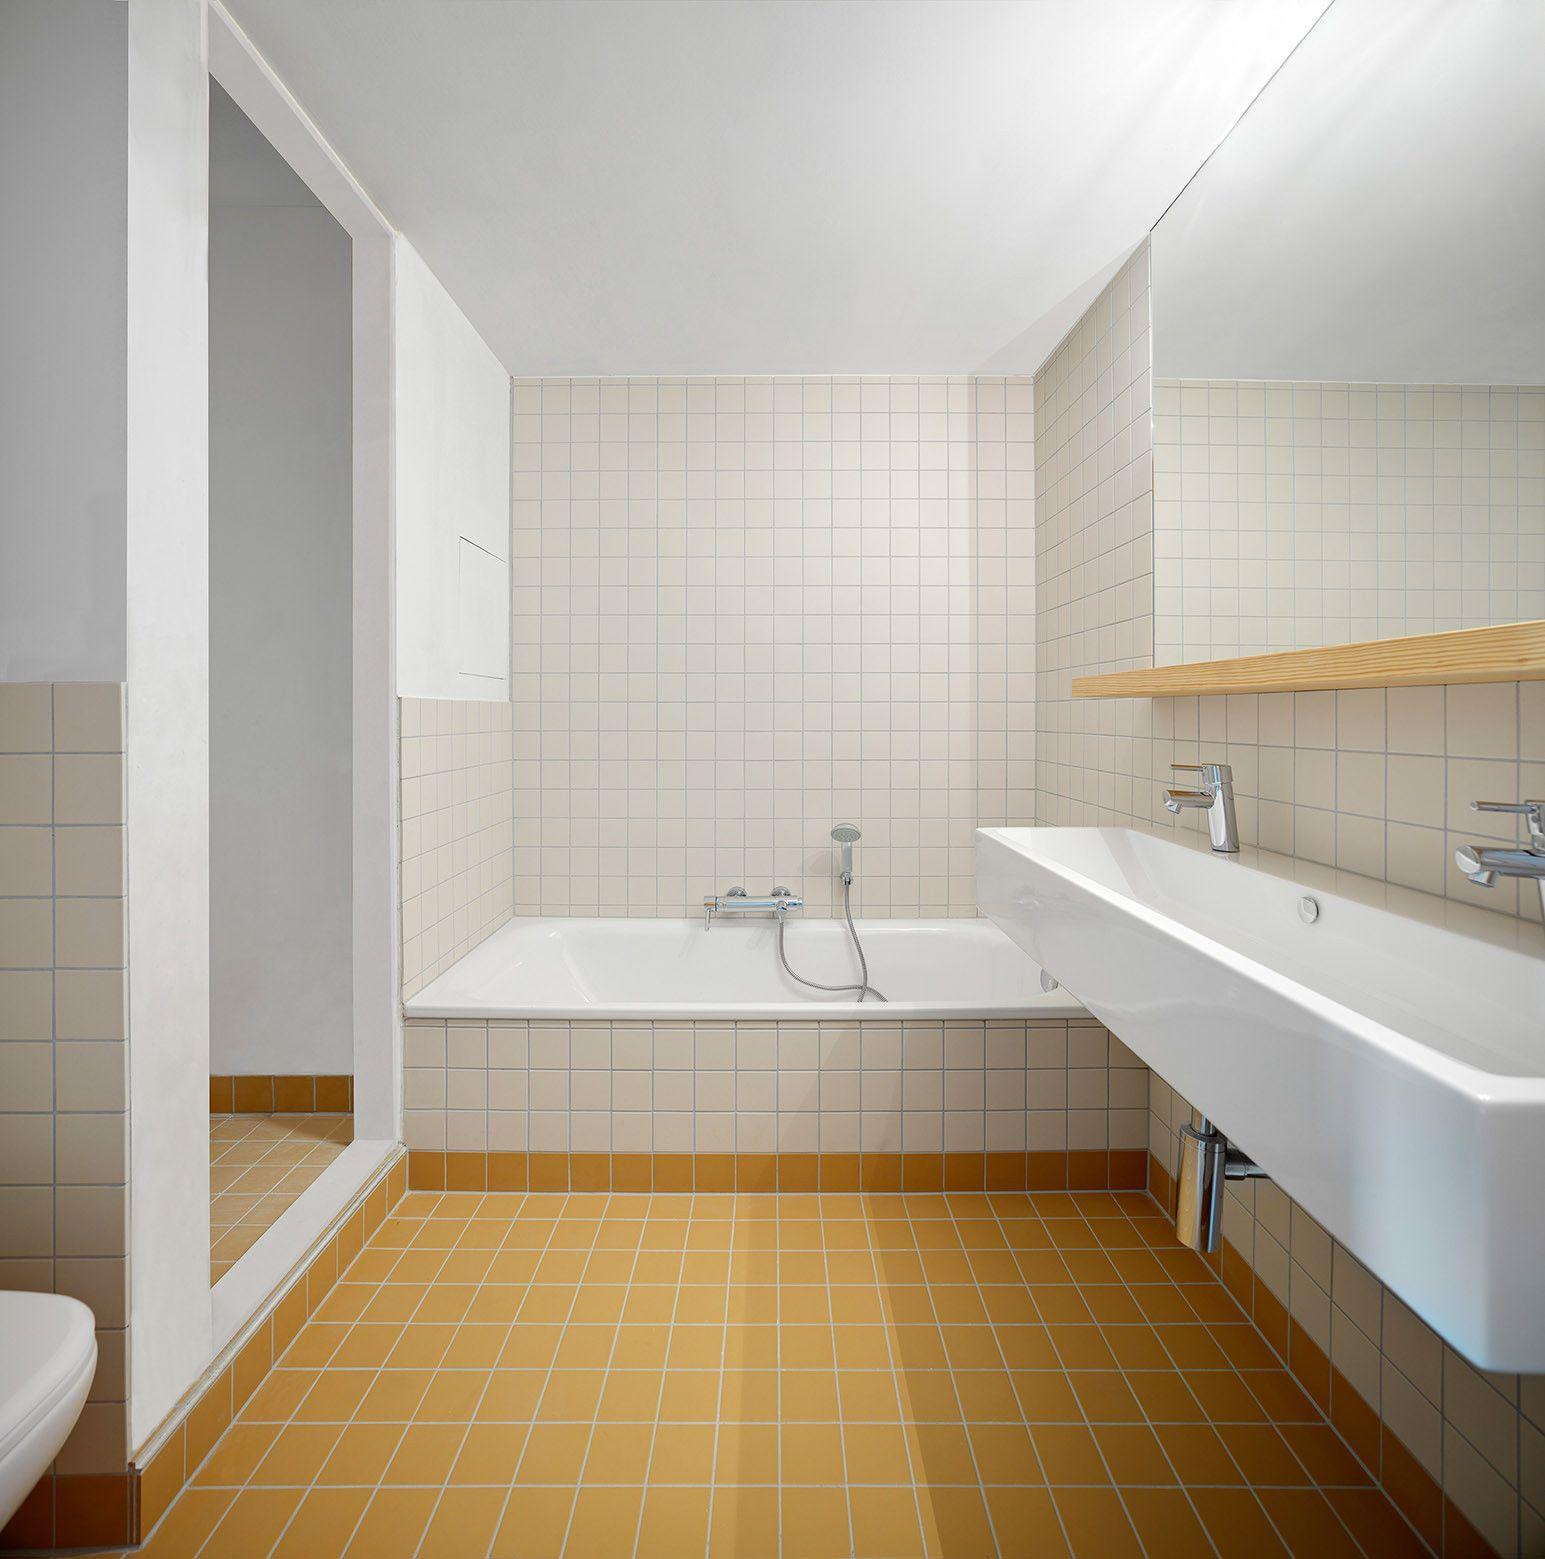 Gallery of Collective housing AGVC / De Gouden Liniaal Architecten ...